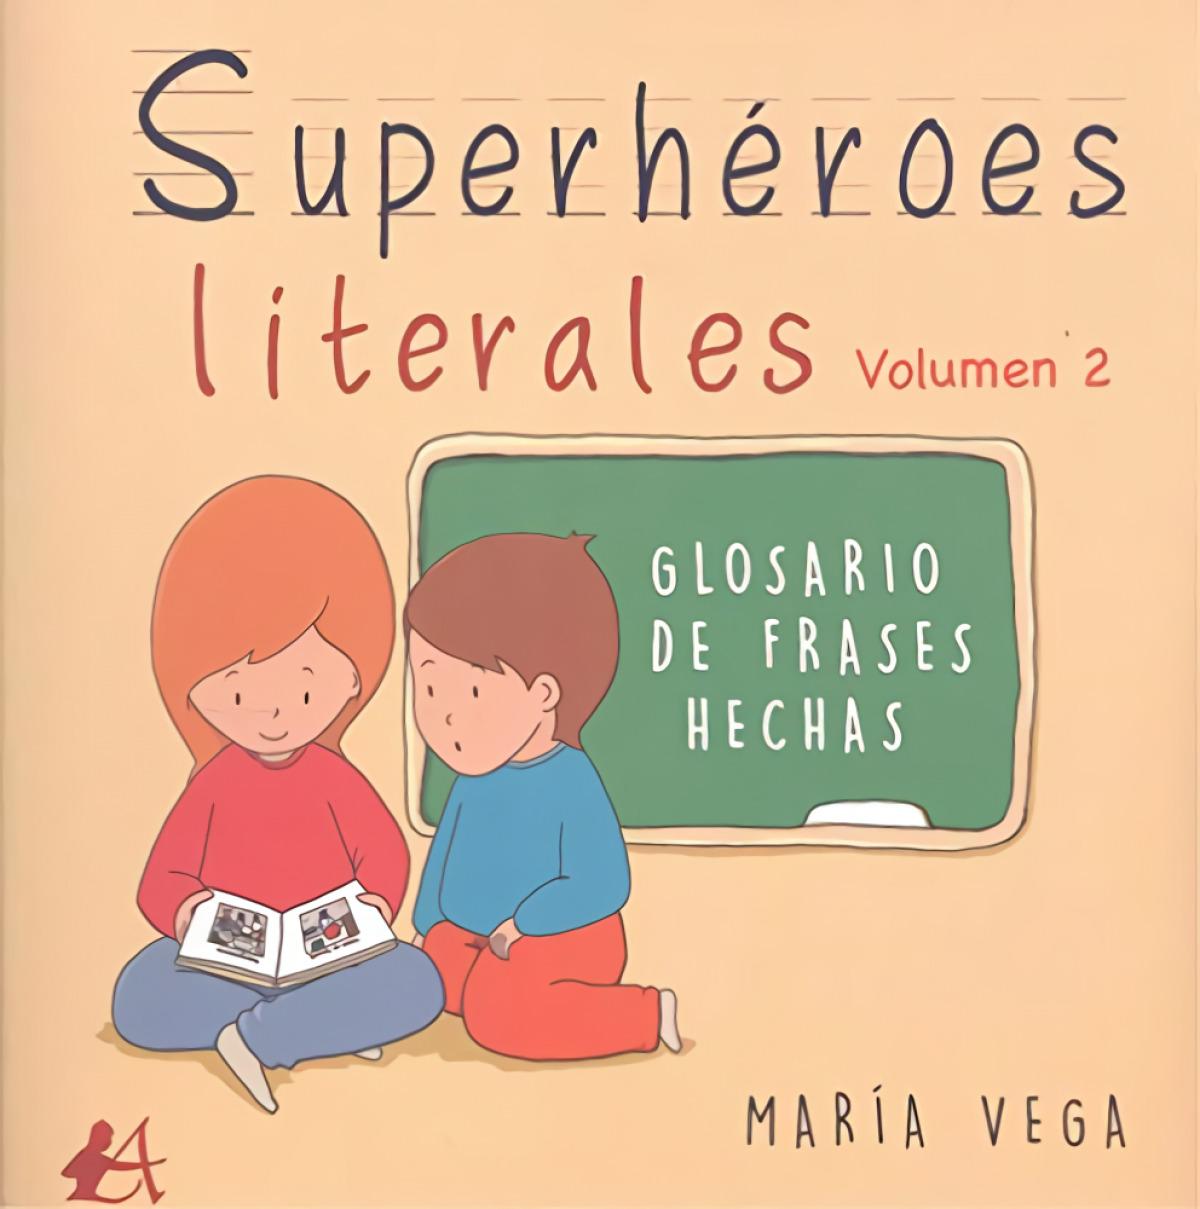 SUPERHEROES LITERALES VOLUMEN II